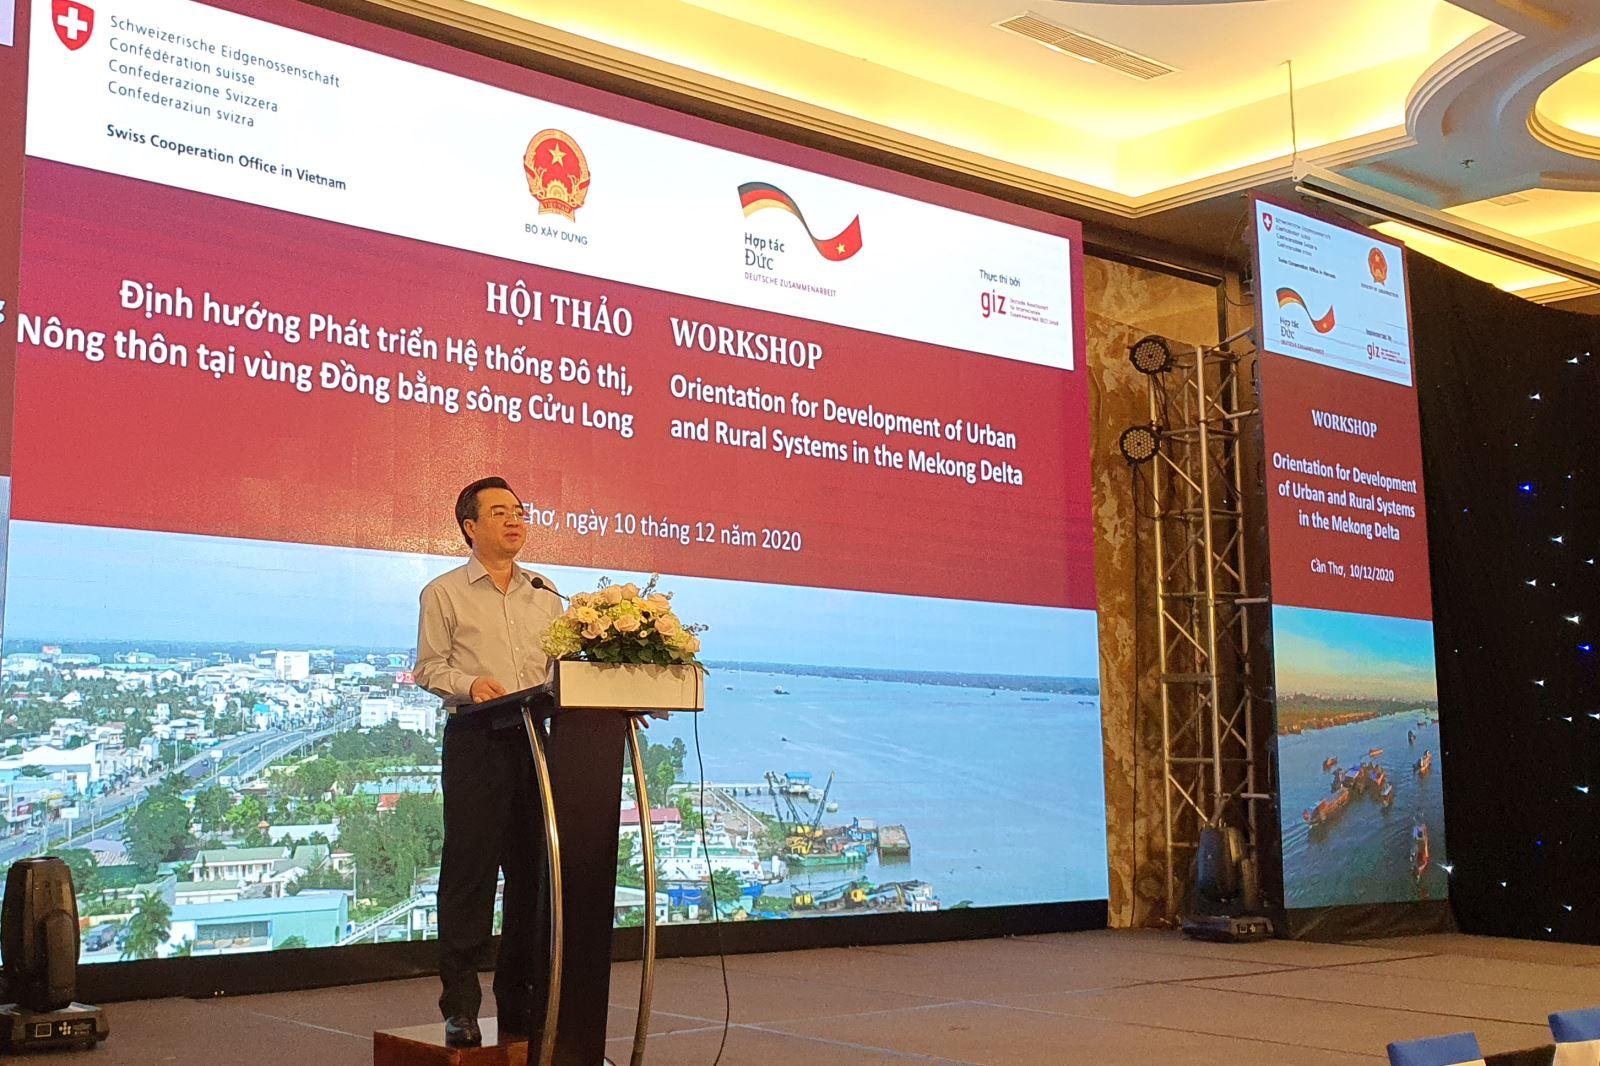 Thứ trưởng Nguyễn Thanh Nghị phát biểu khai mạc Hội thảo